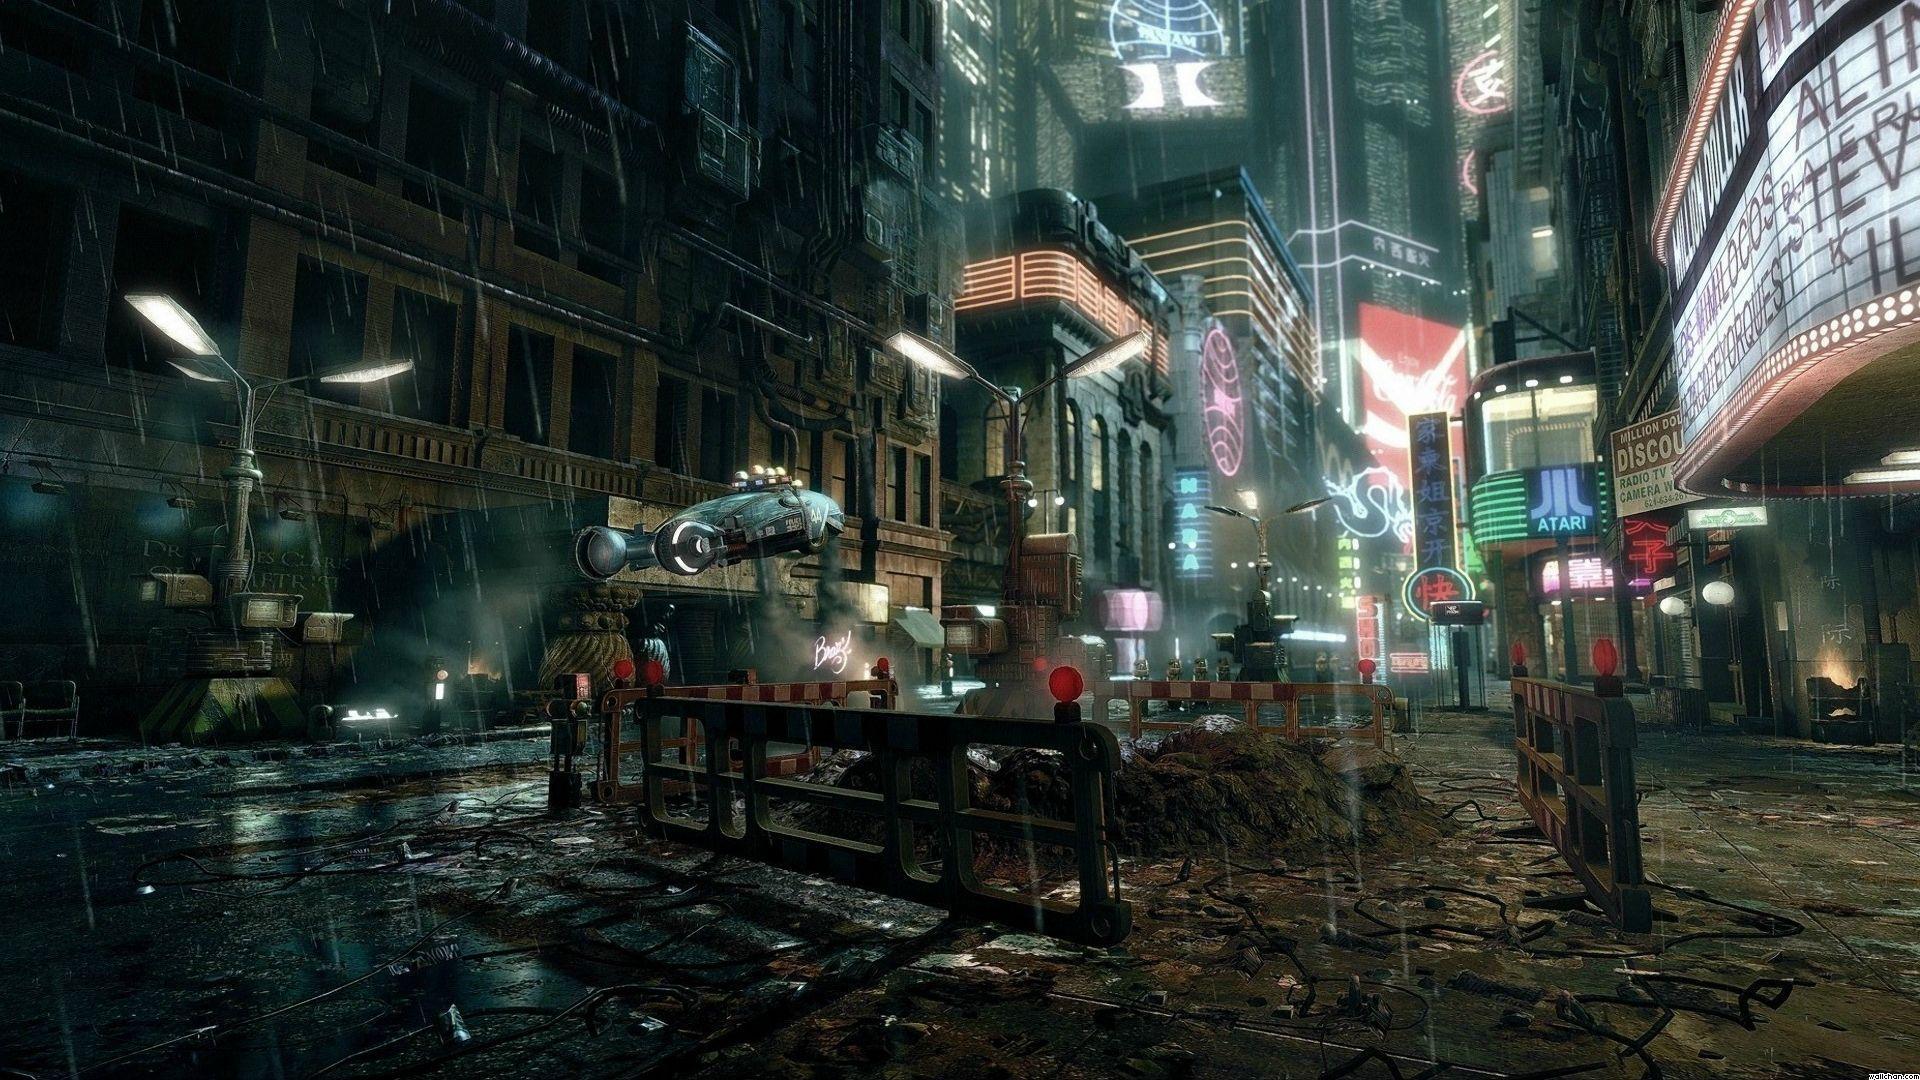 CYBERPUNK scifi game city f wallpaper x